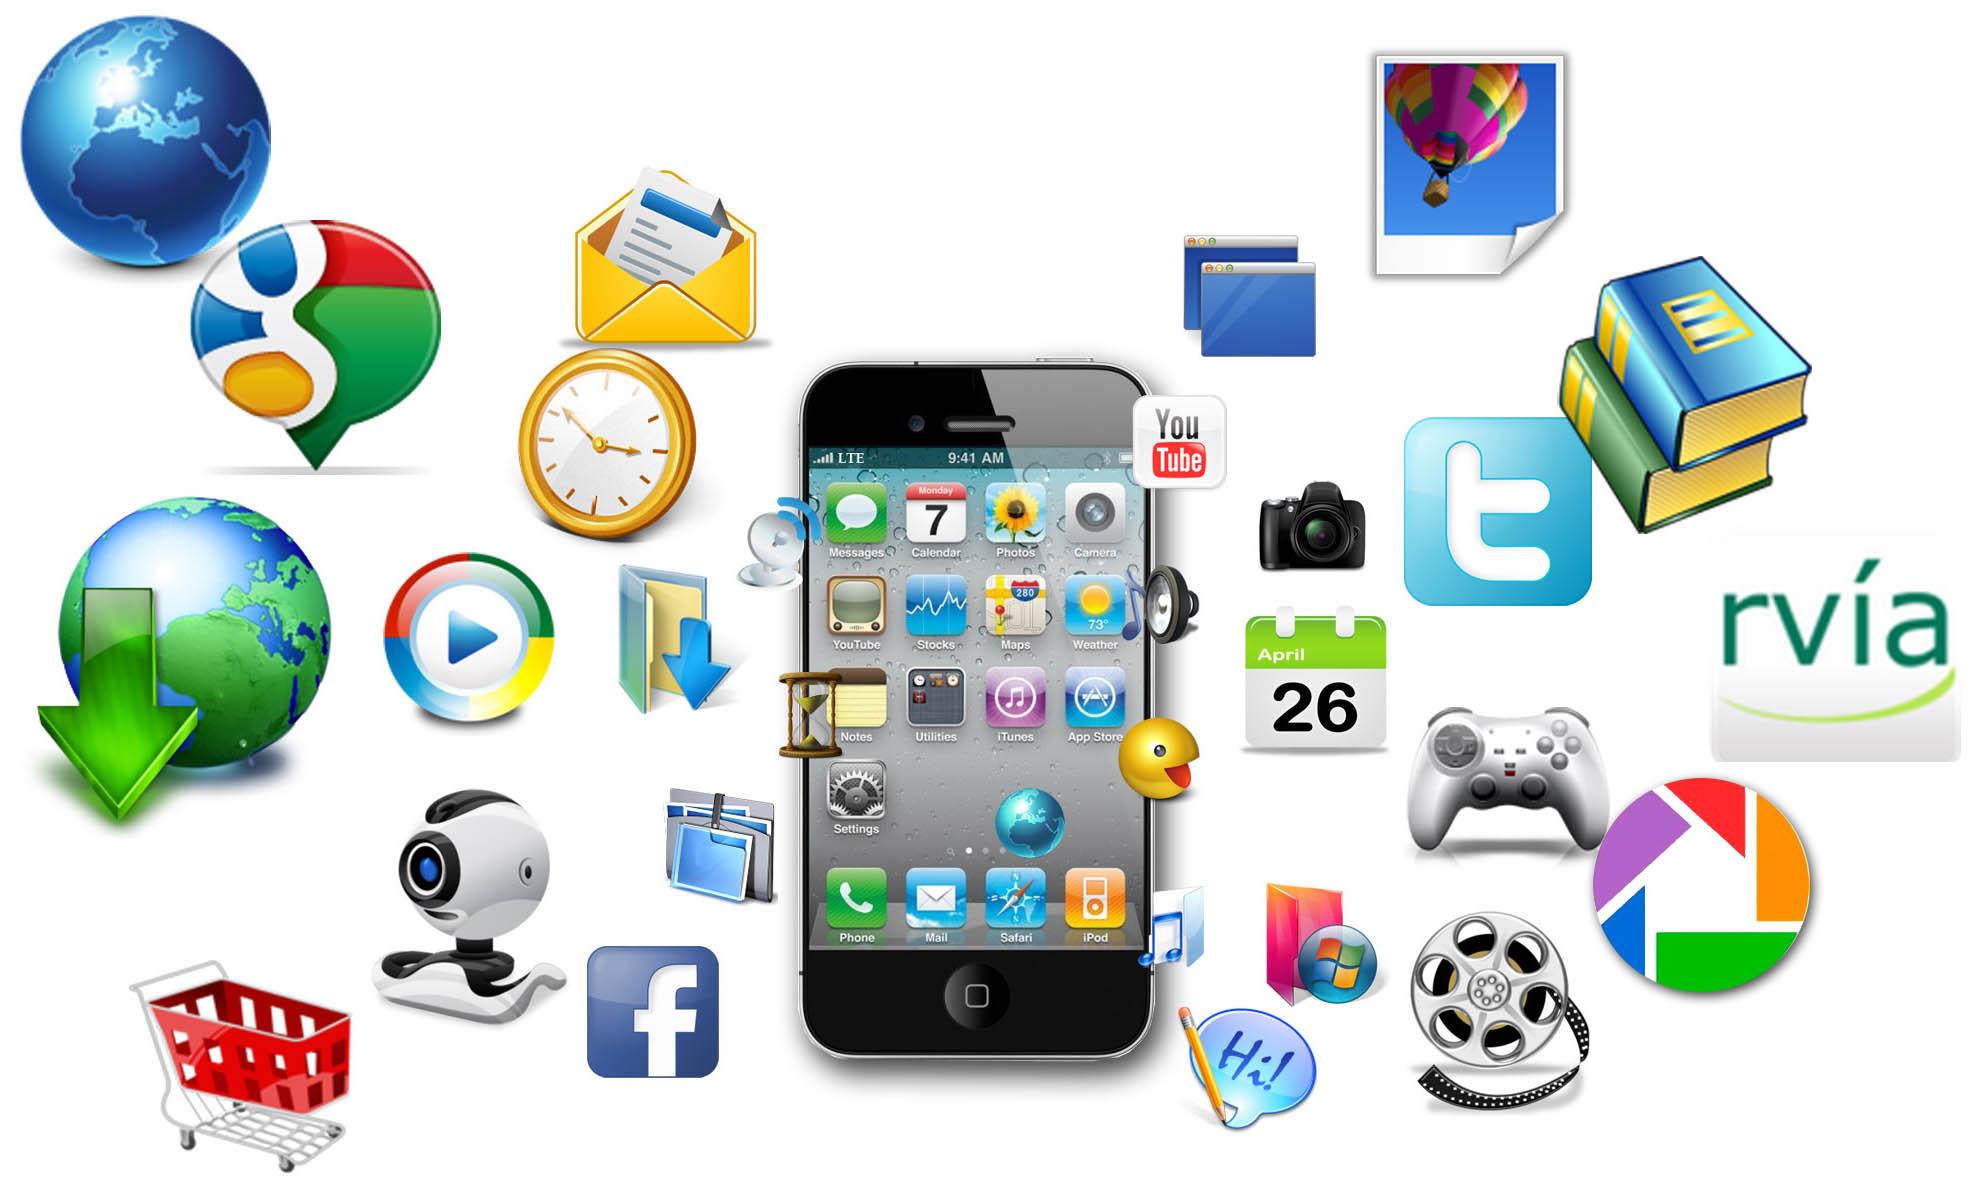 Pasos para desarrollar una aplicación móvil de éxito